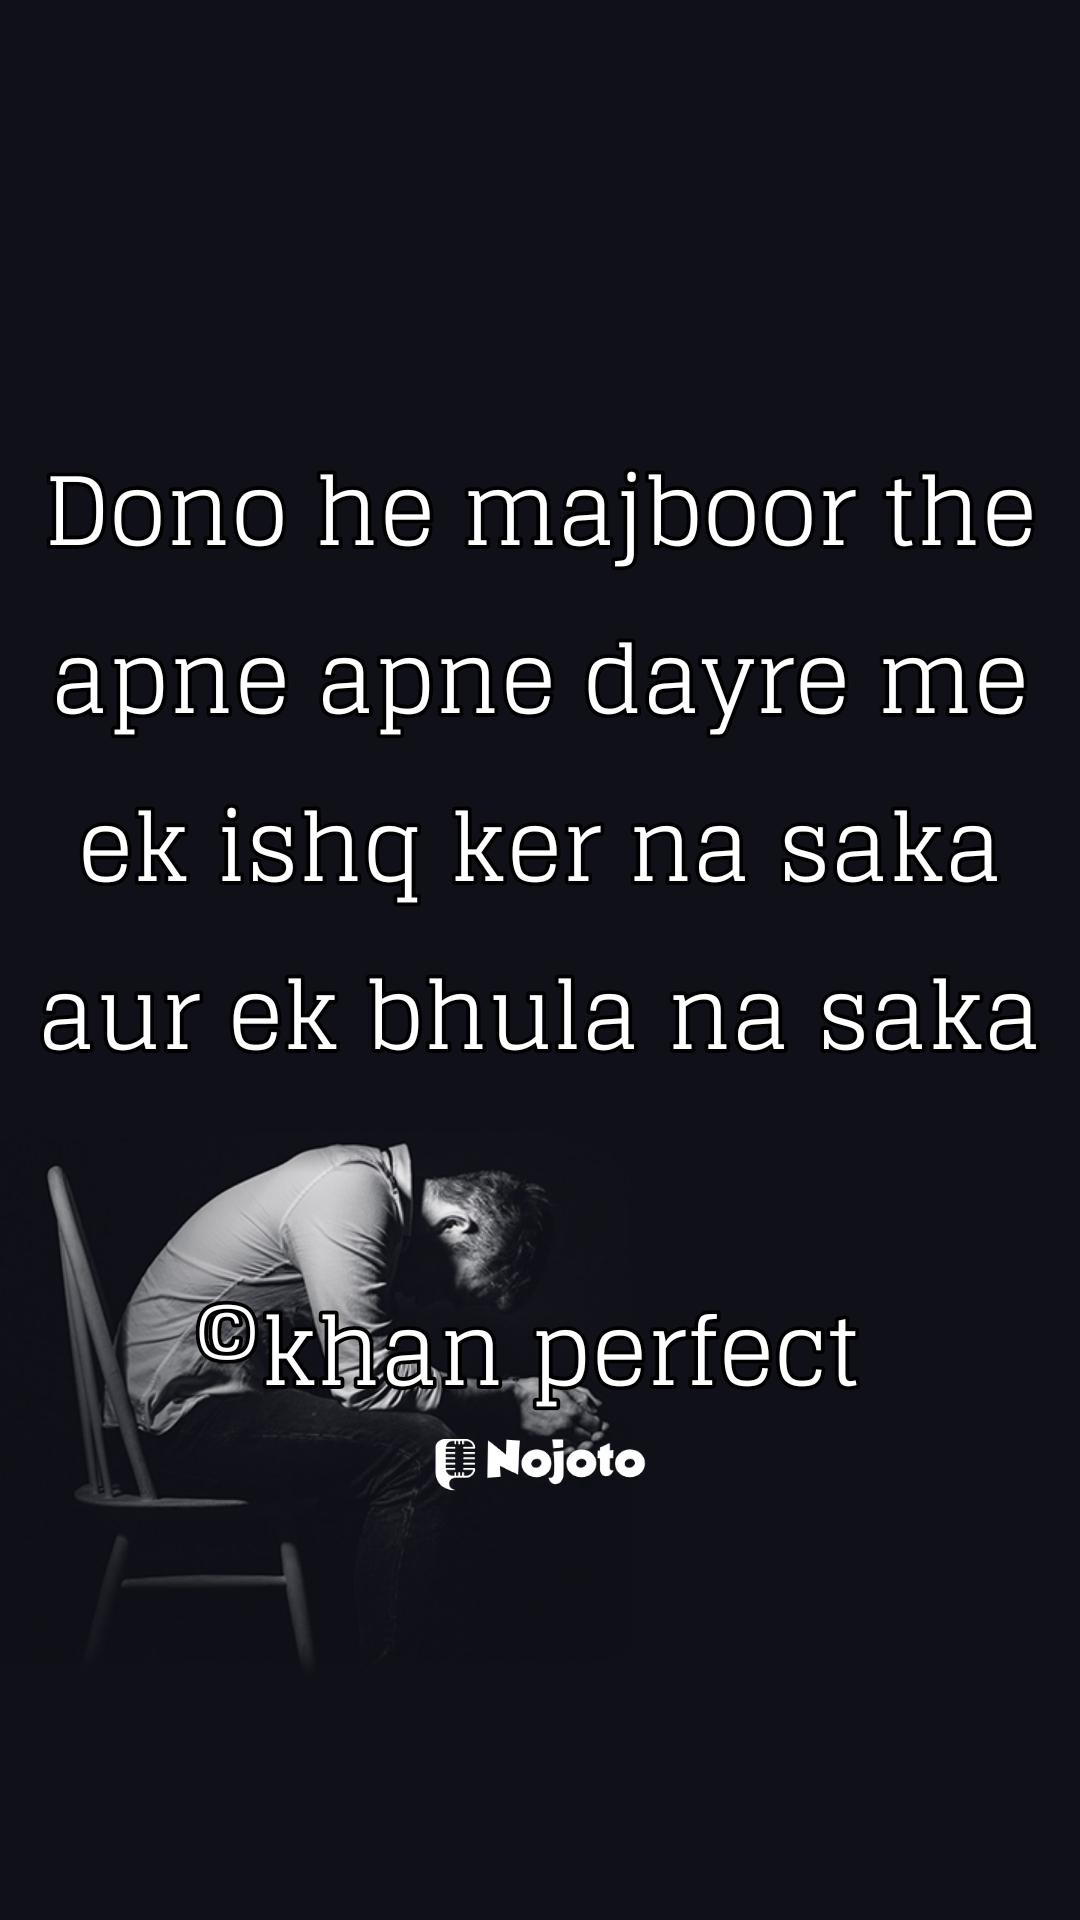 Dono he majboor the apne apne dayre me ek ishq ker na saka aur ek bhula na saka  ©khan perfect